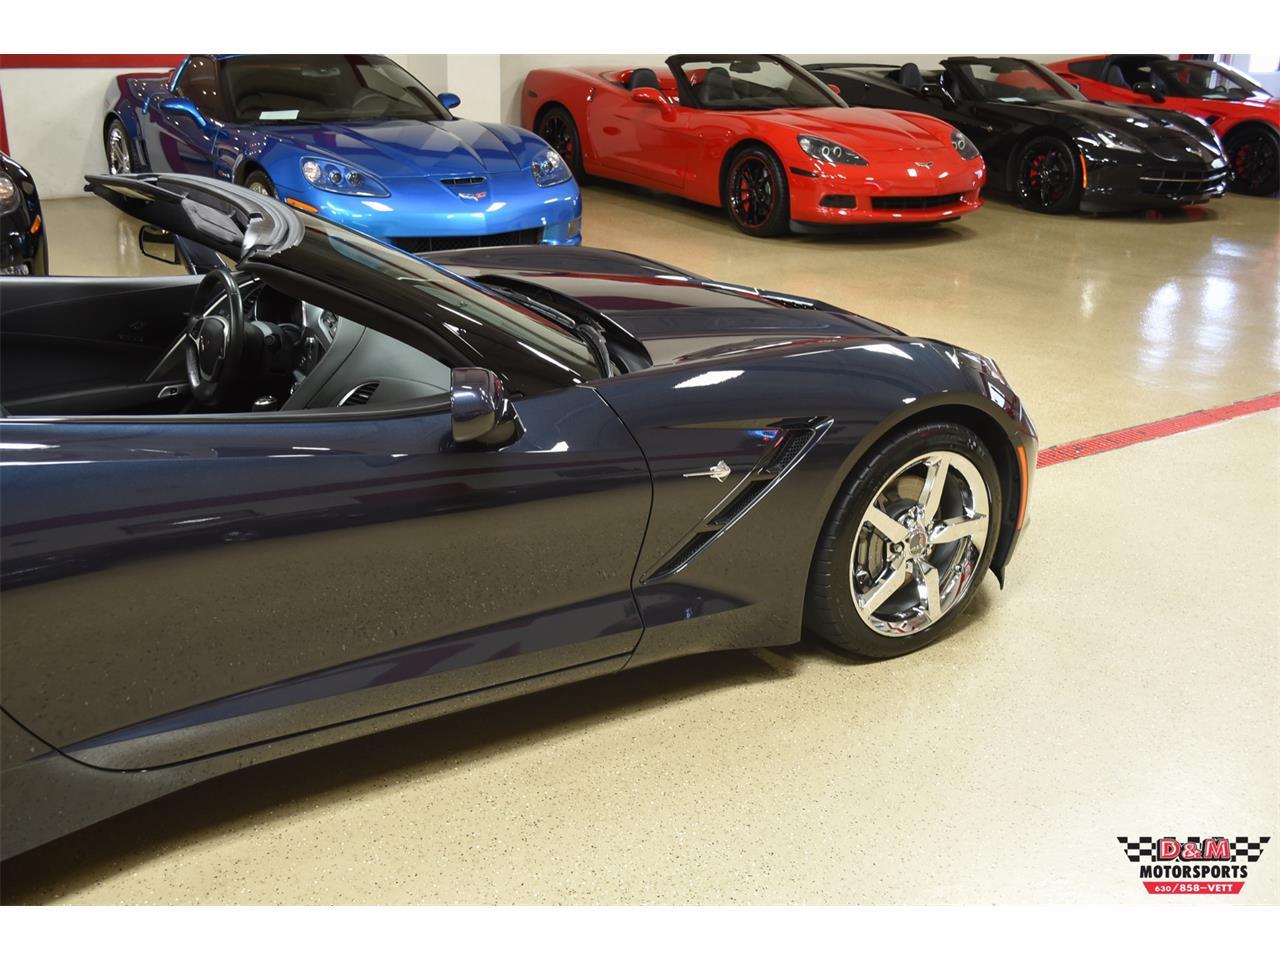 2015 Chevrolet Corvette (CC-1234172) for sale in Glen Ellyn, Illinois